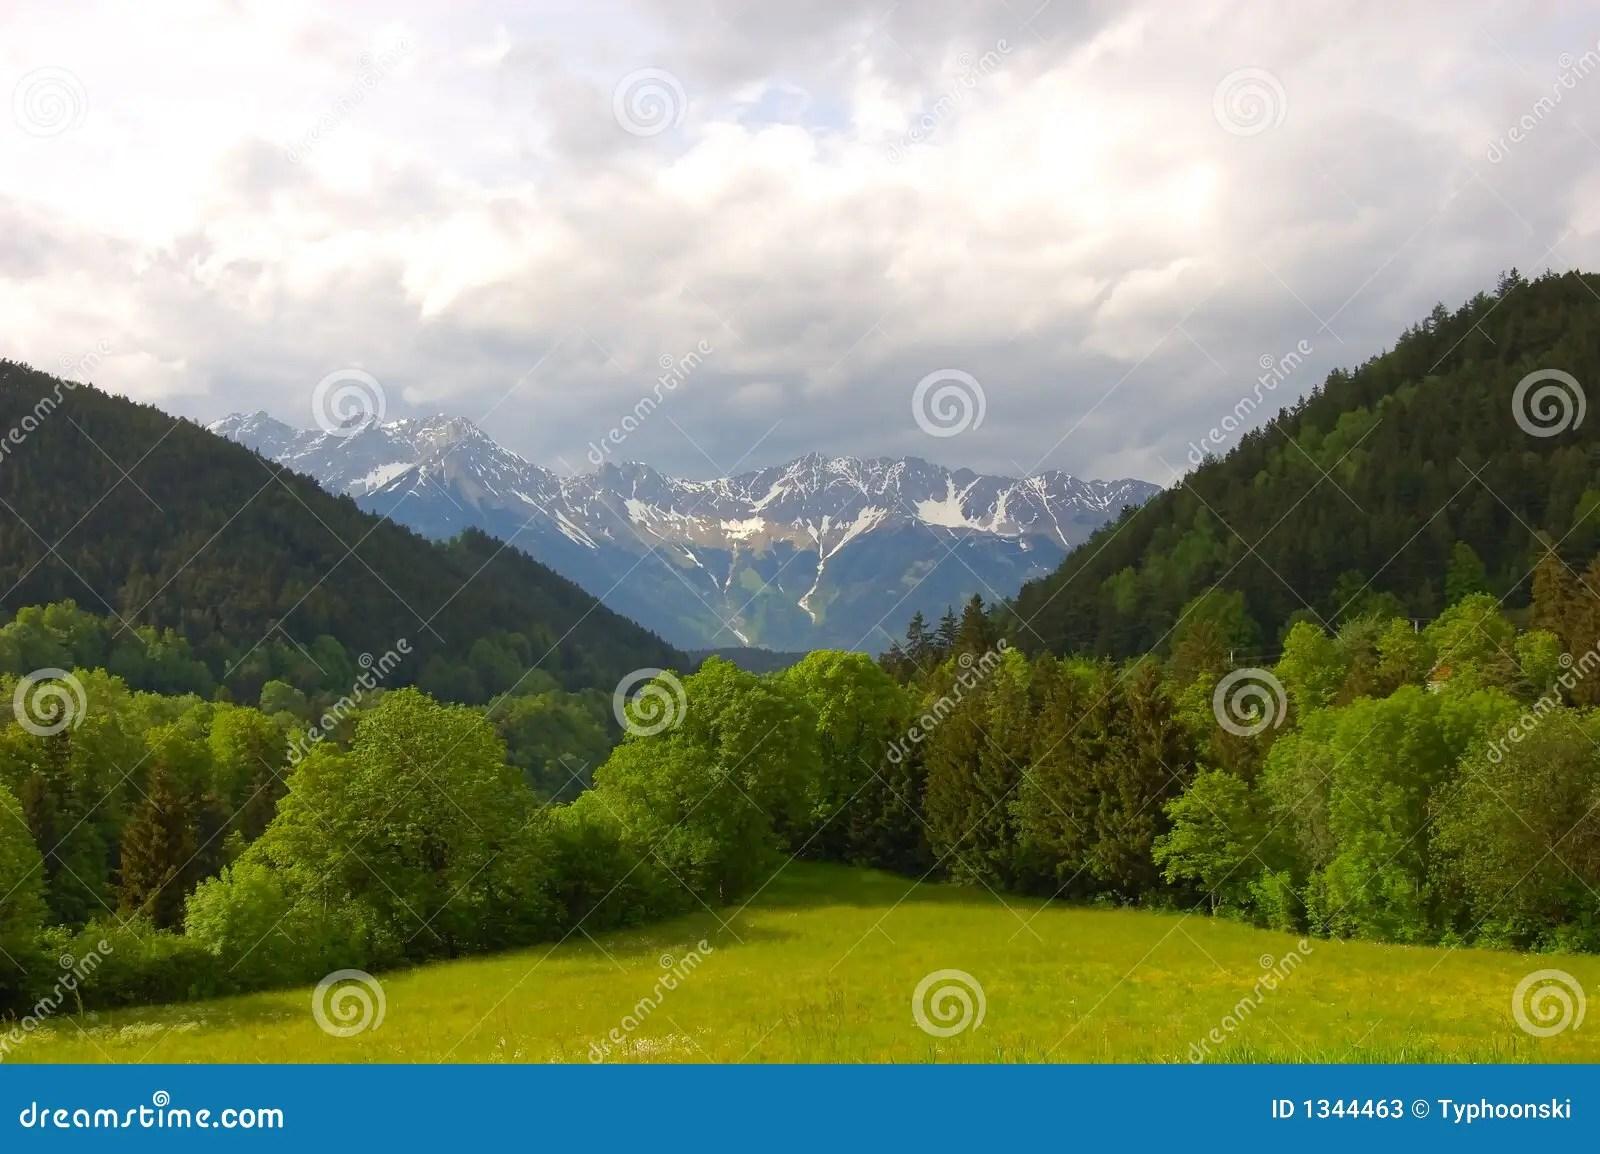 Paesaggio alpino immagine stock Immagine di libert terra  1344463